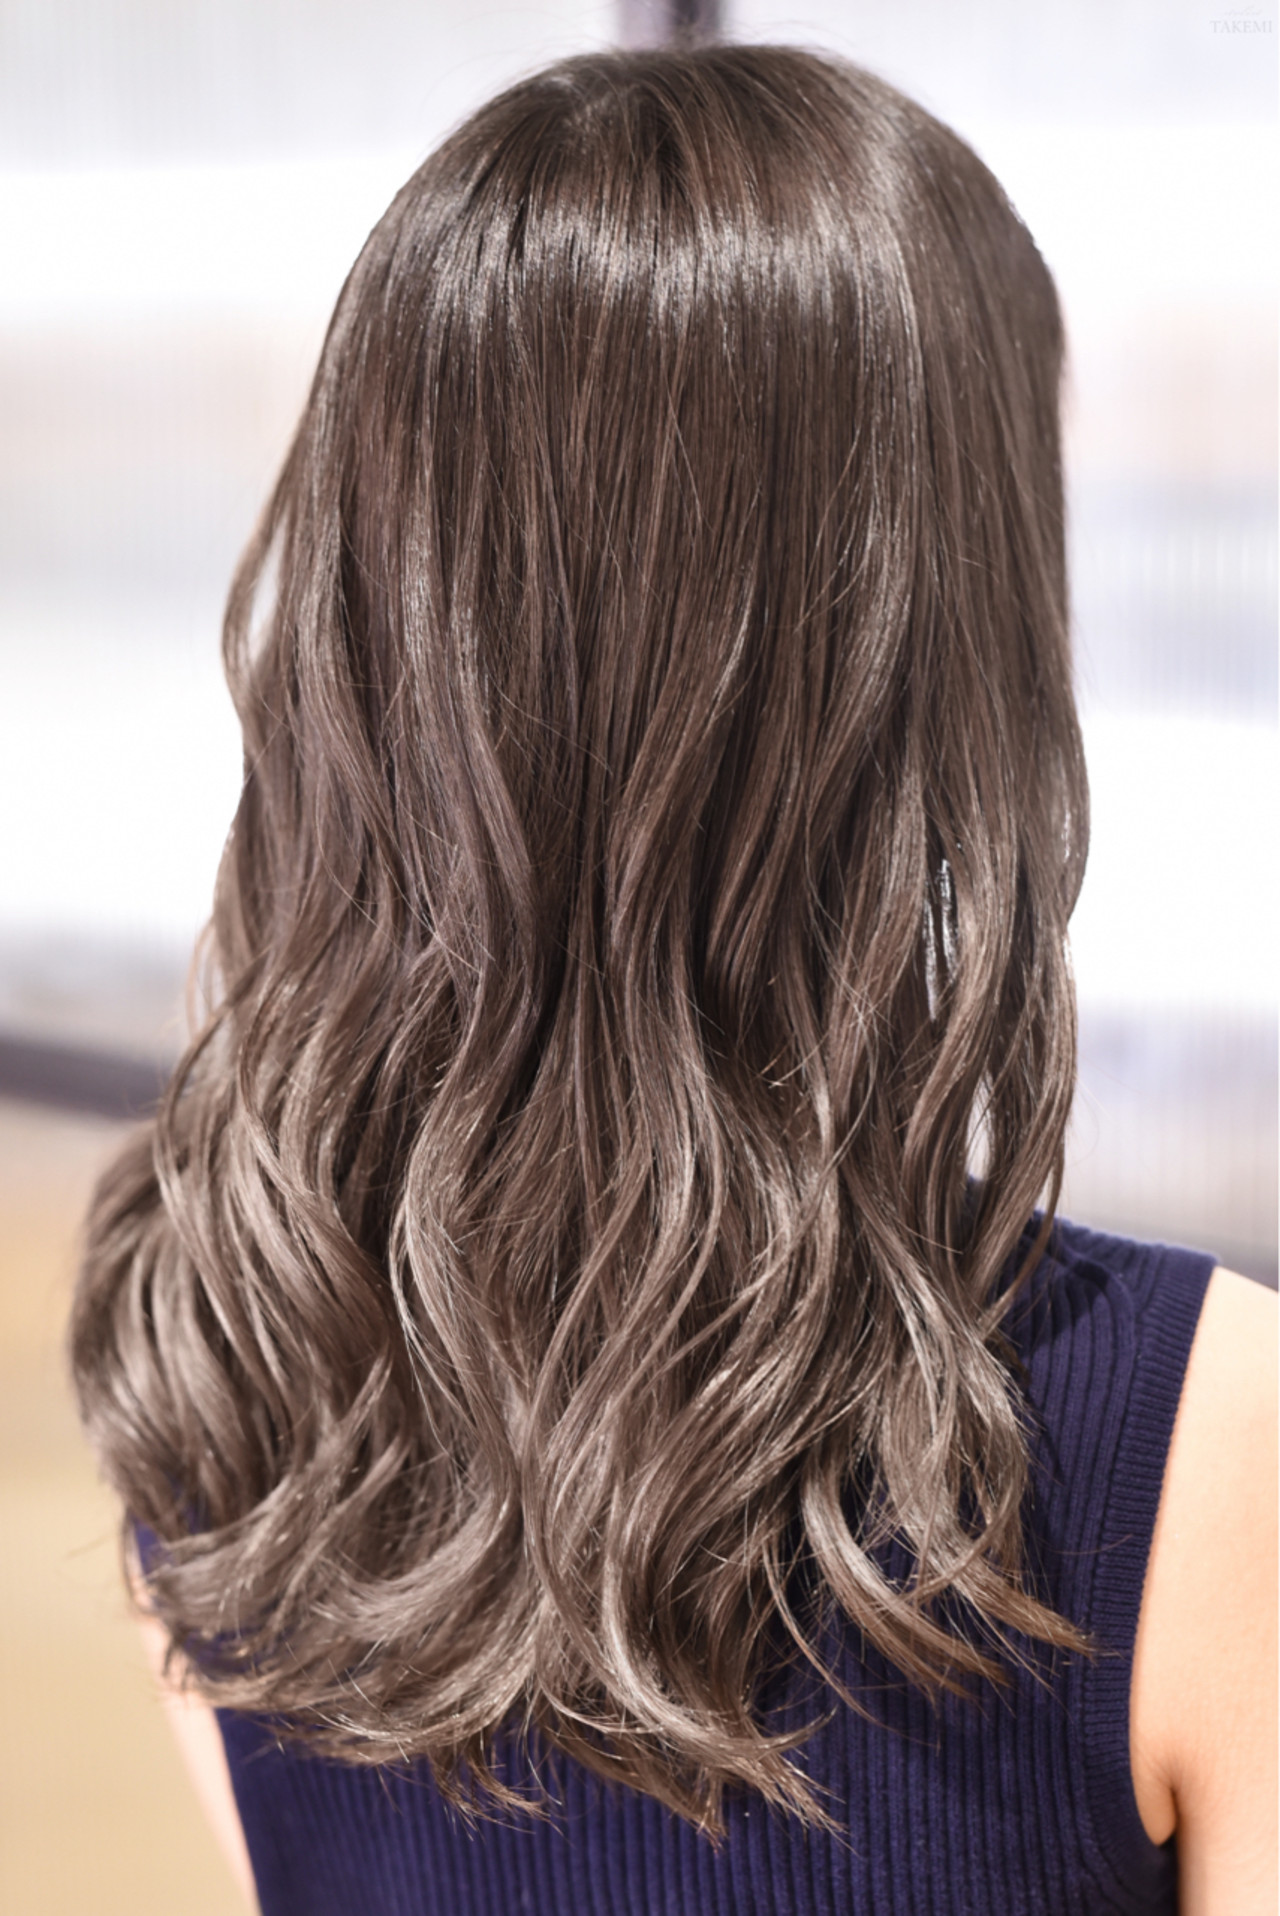 ダブルカラー セミロング ナチュラル バレイヤージュ ヘアスタイルや髪型の写真・画像